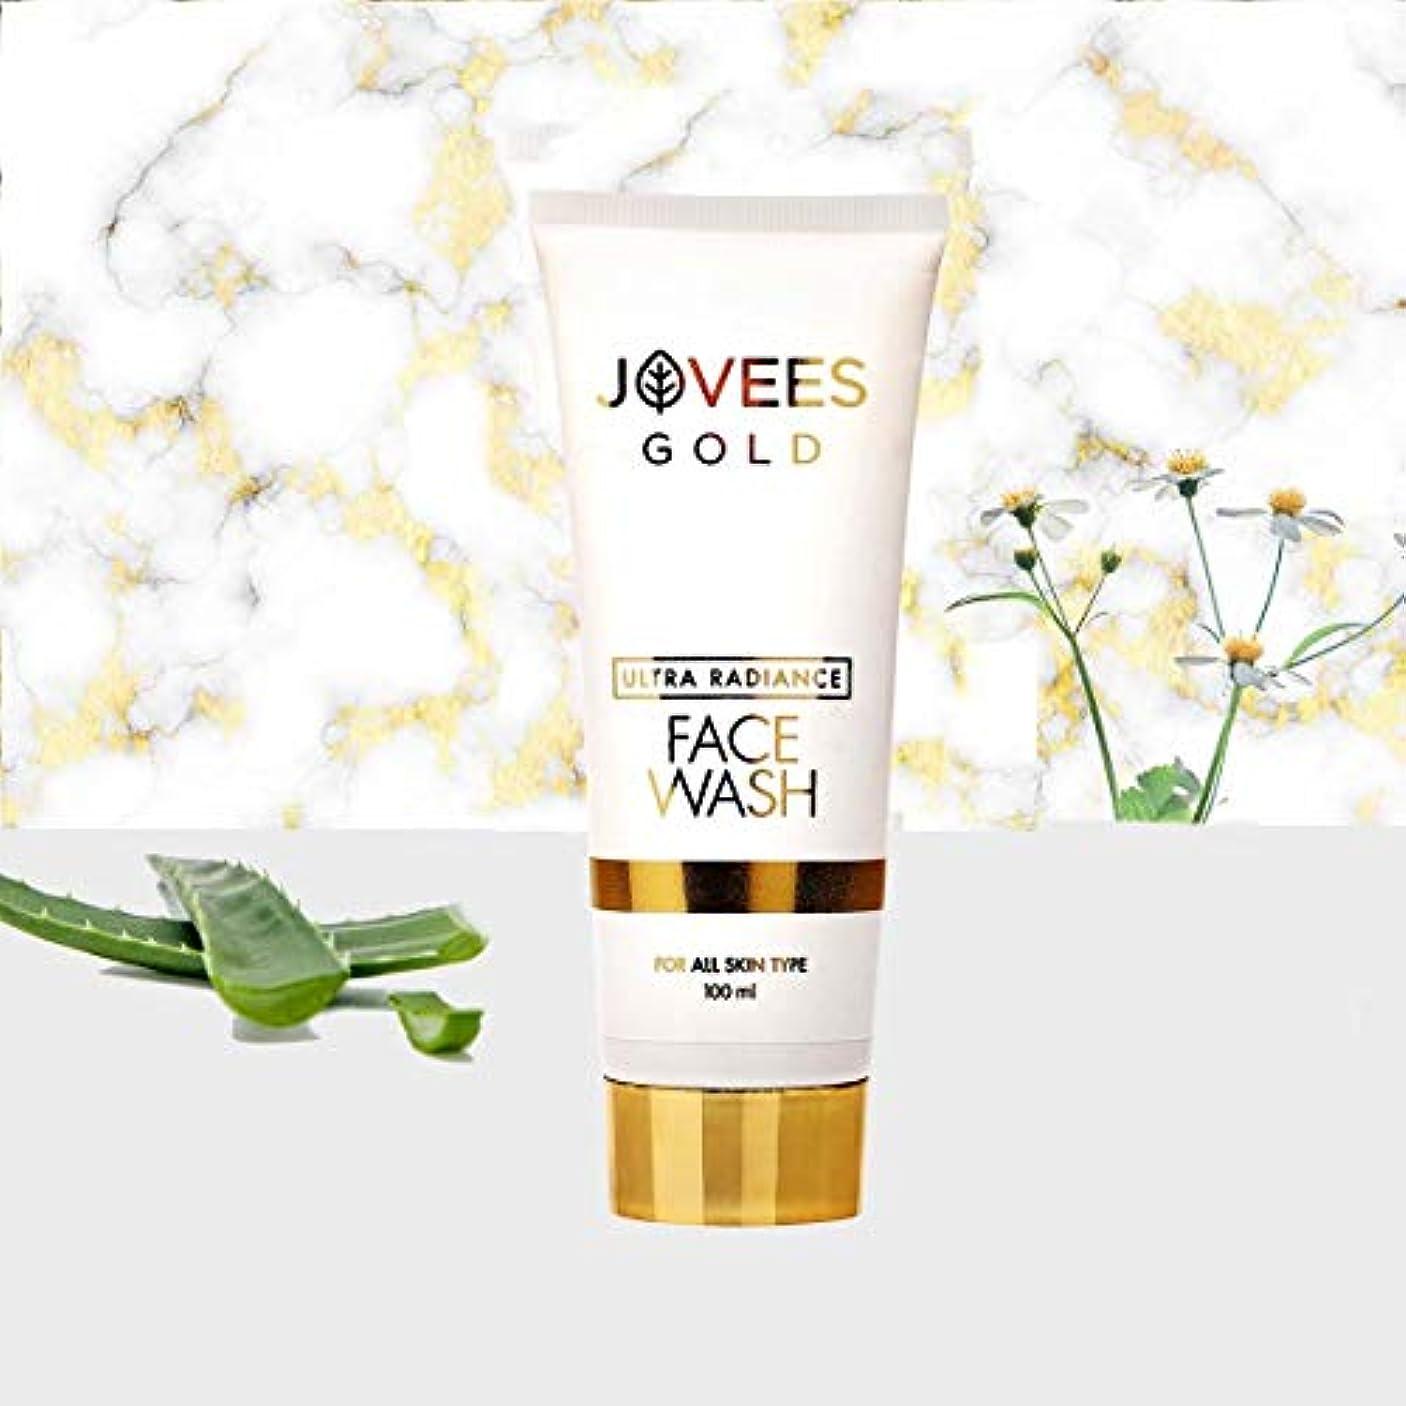 ブラウザ歴史家コンテンポラリーJovees Ultra Radiance 24K Gold Face Wash 100ml to help bring glow and radiance 輝きと輝きをもたらすのを助けるためにJovees Ultra...